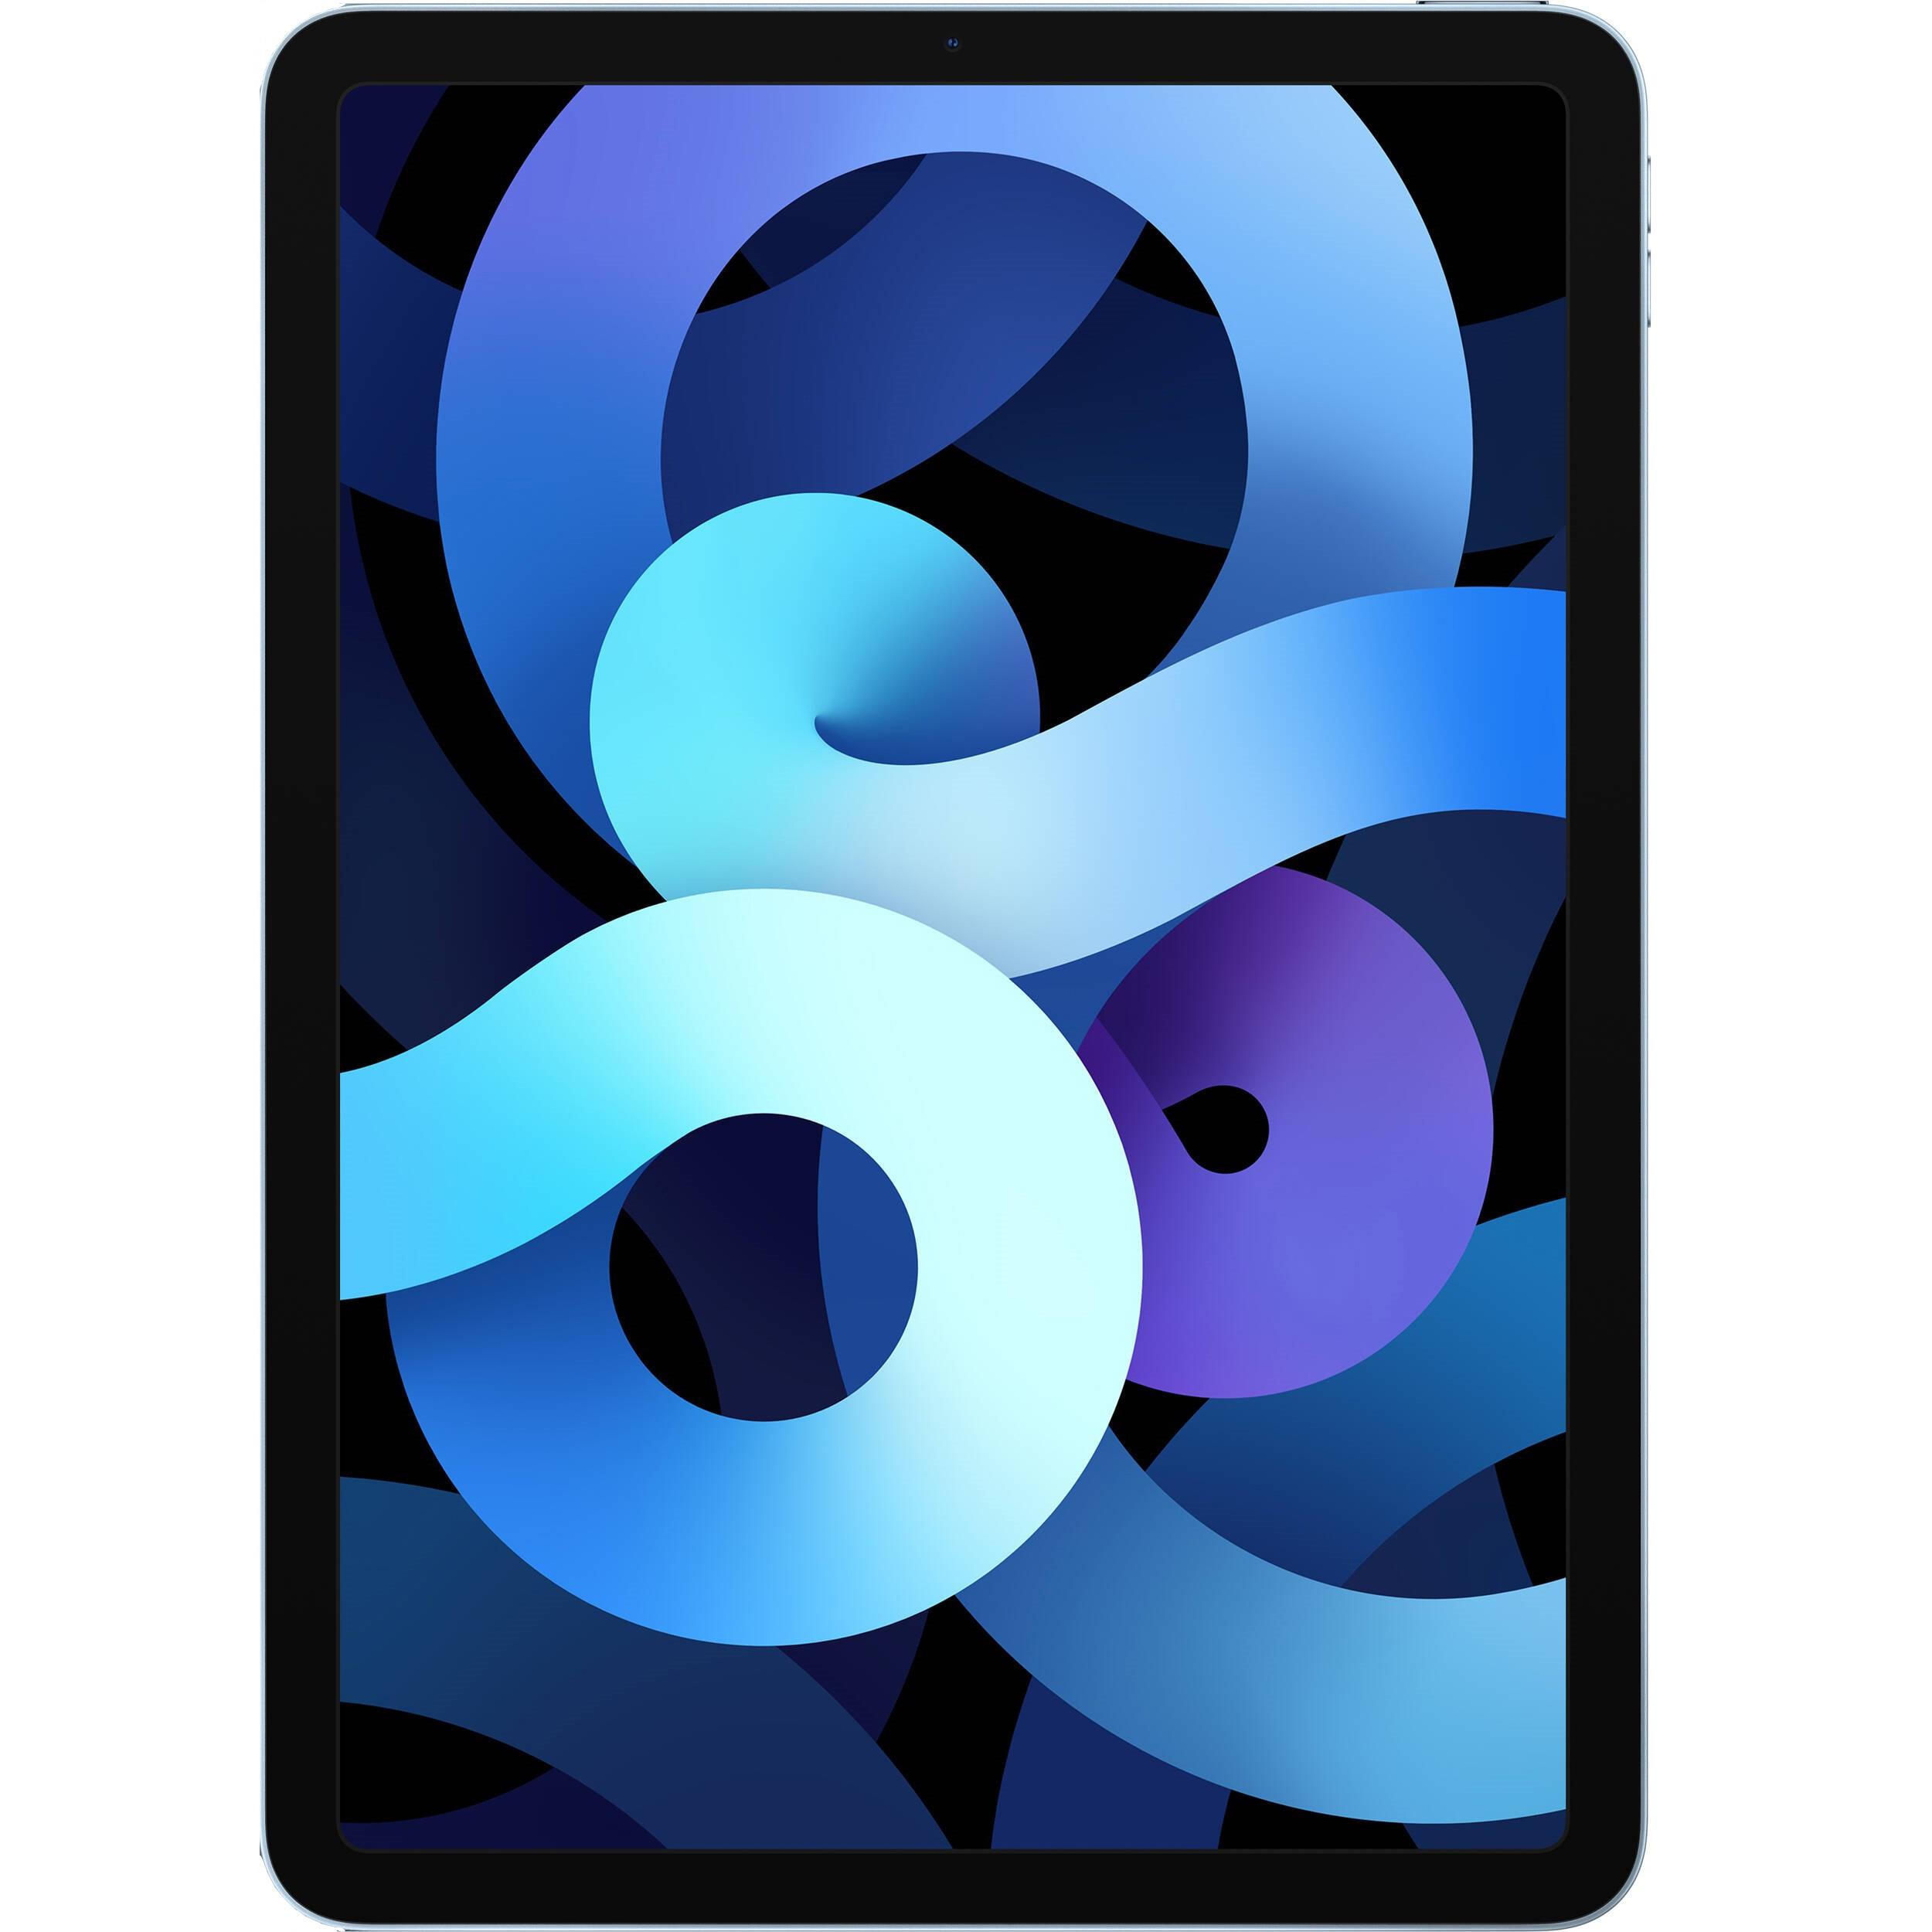 فروش نقدی و اقساطی تبلت اپل مدل iPad Air 10.9 inch 2020 WiFi ظرفیت 64 گیگابایت